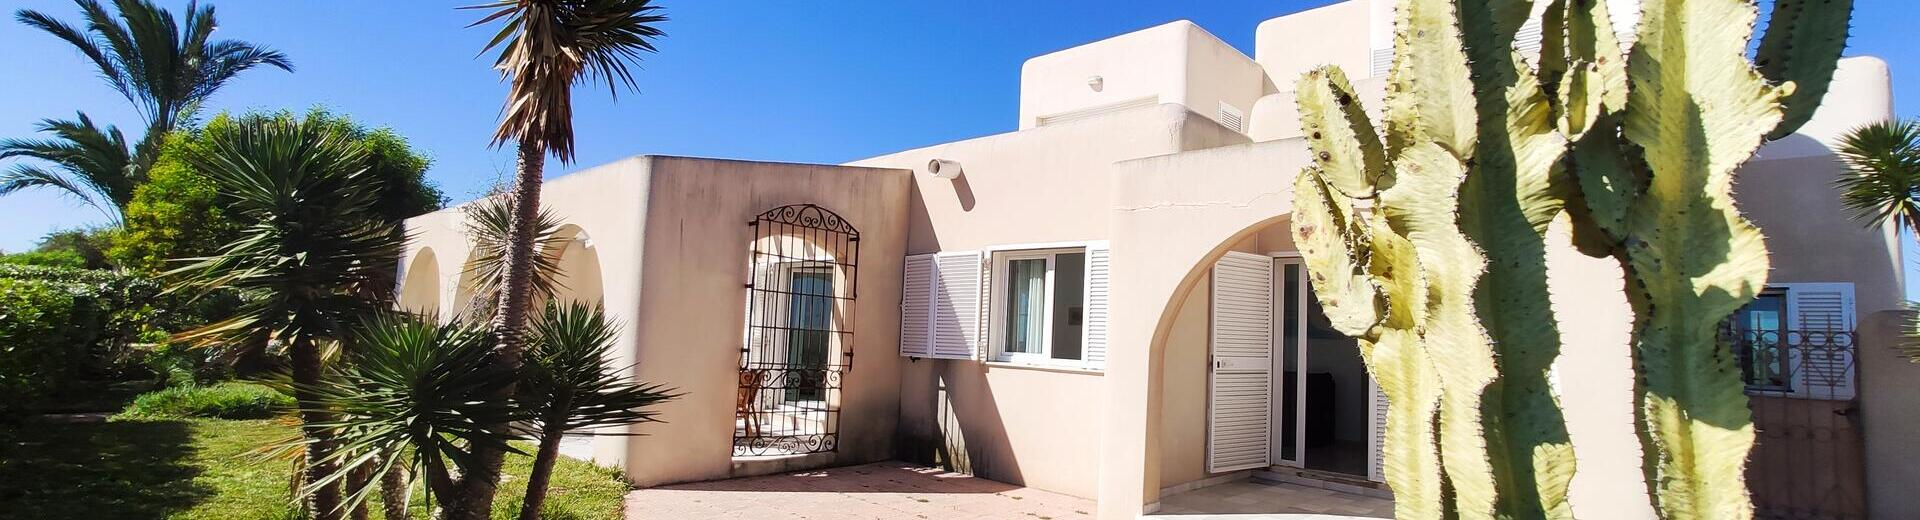 VIP7844: Villa for Sale